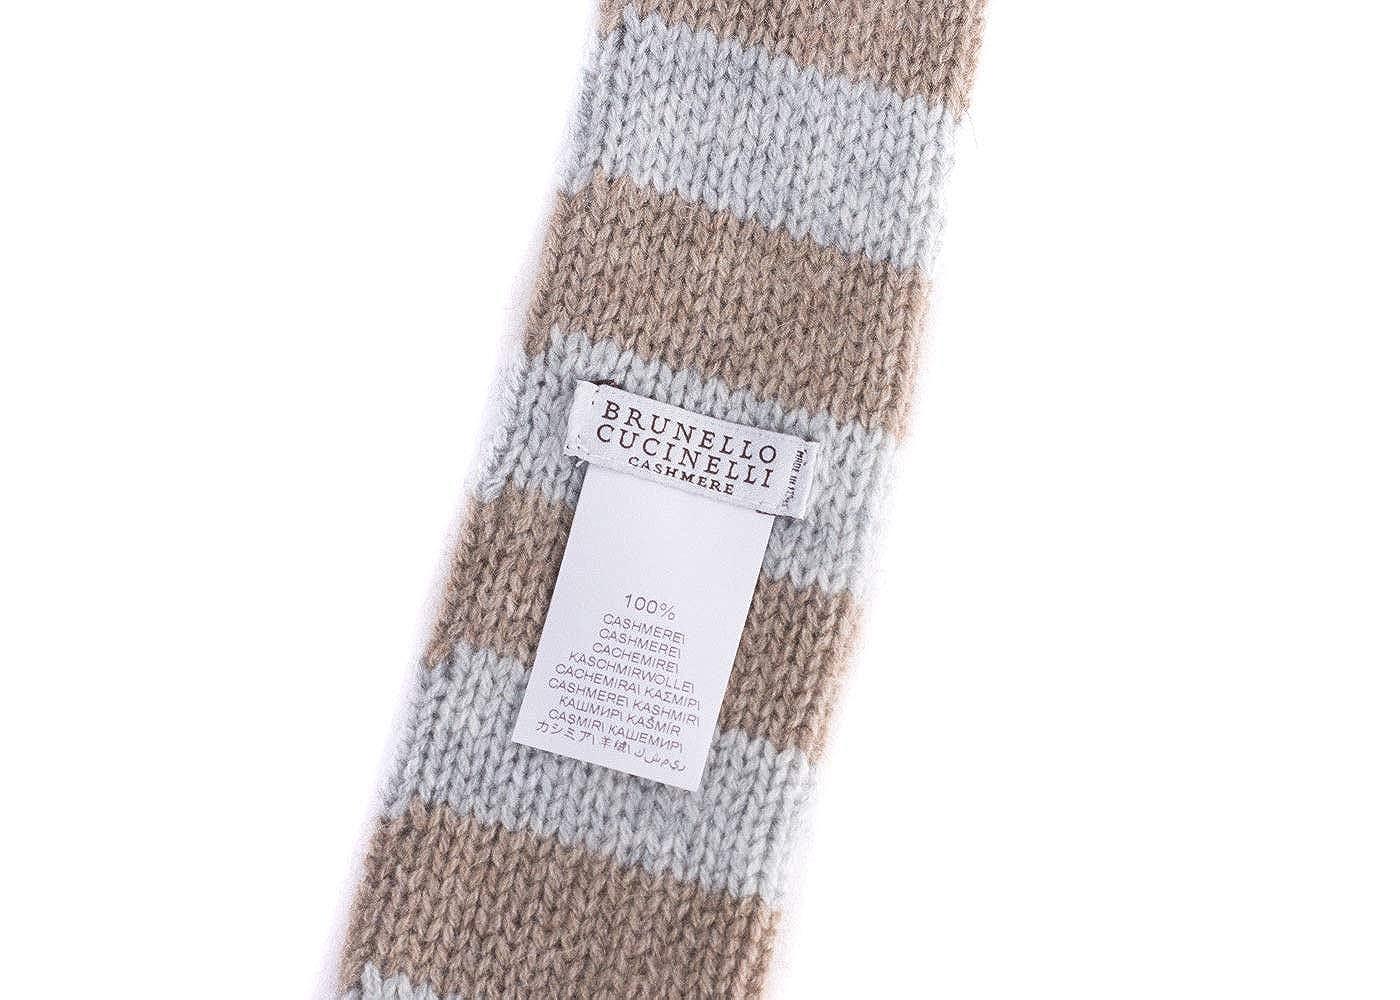 Brunello Cucinelli Mens Cashmere Striped Two Tone Tie One Size~Retail $295